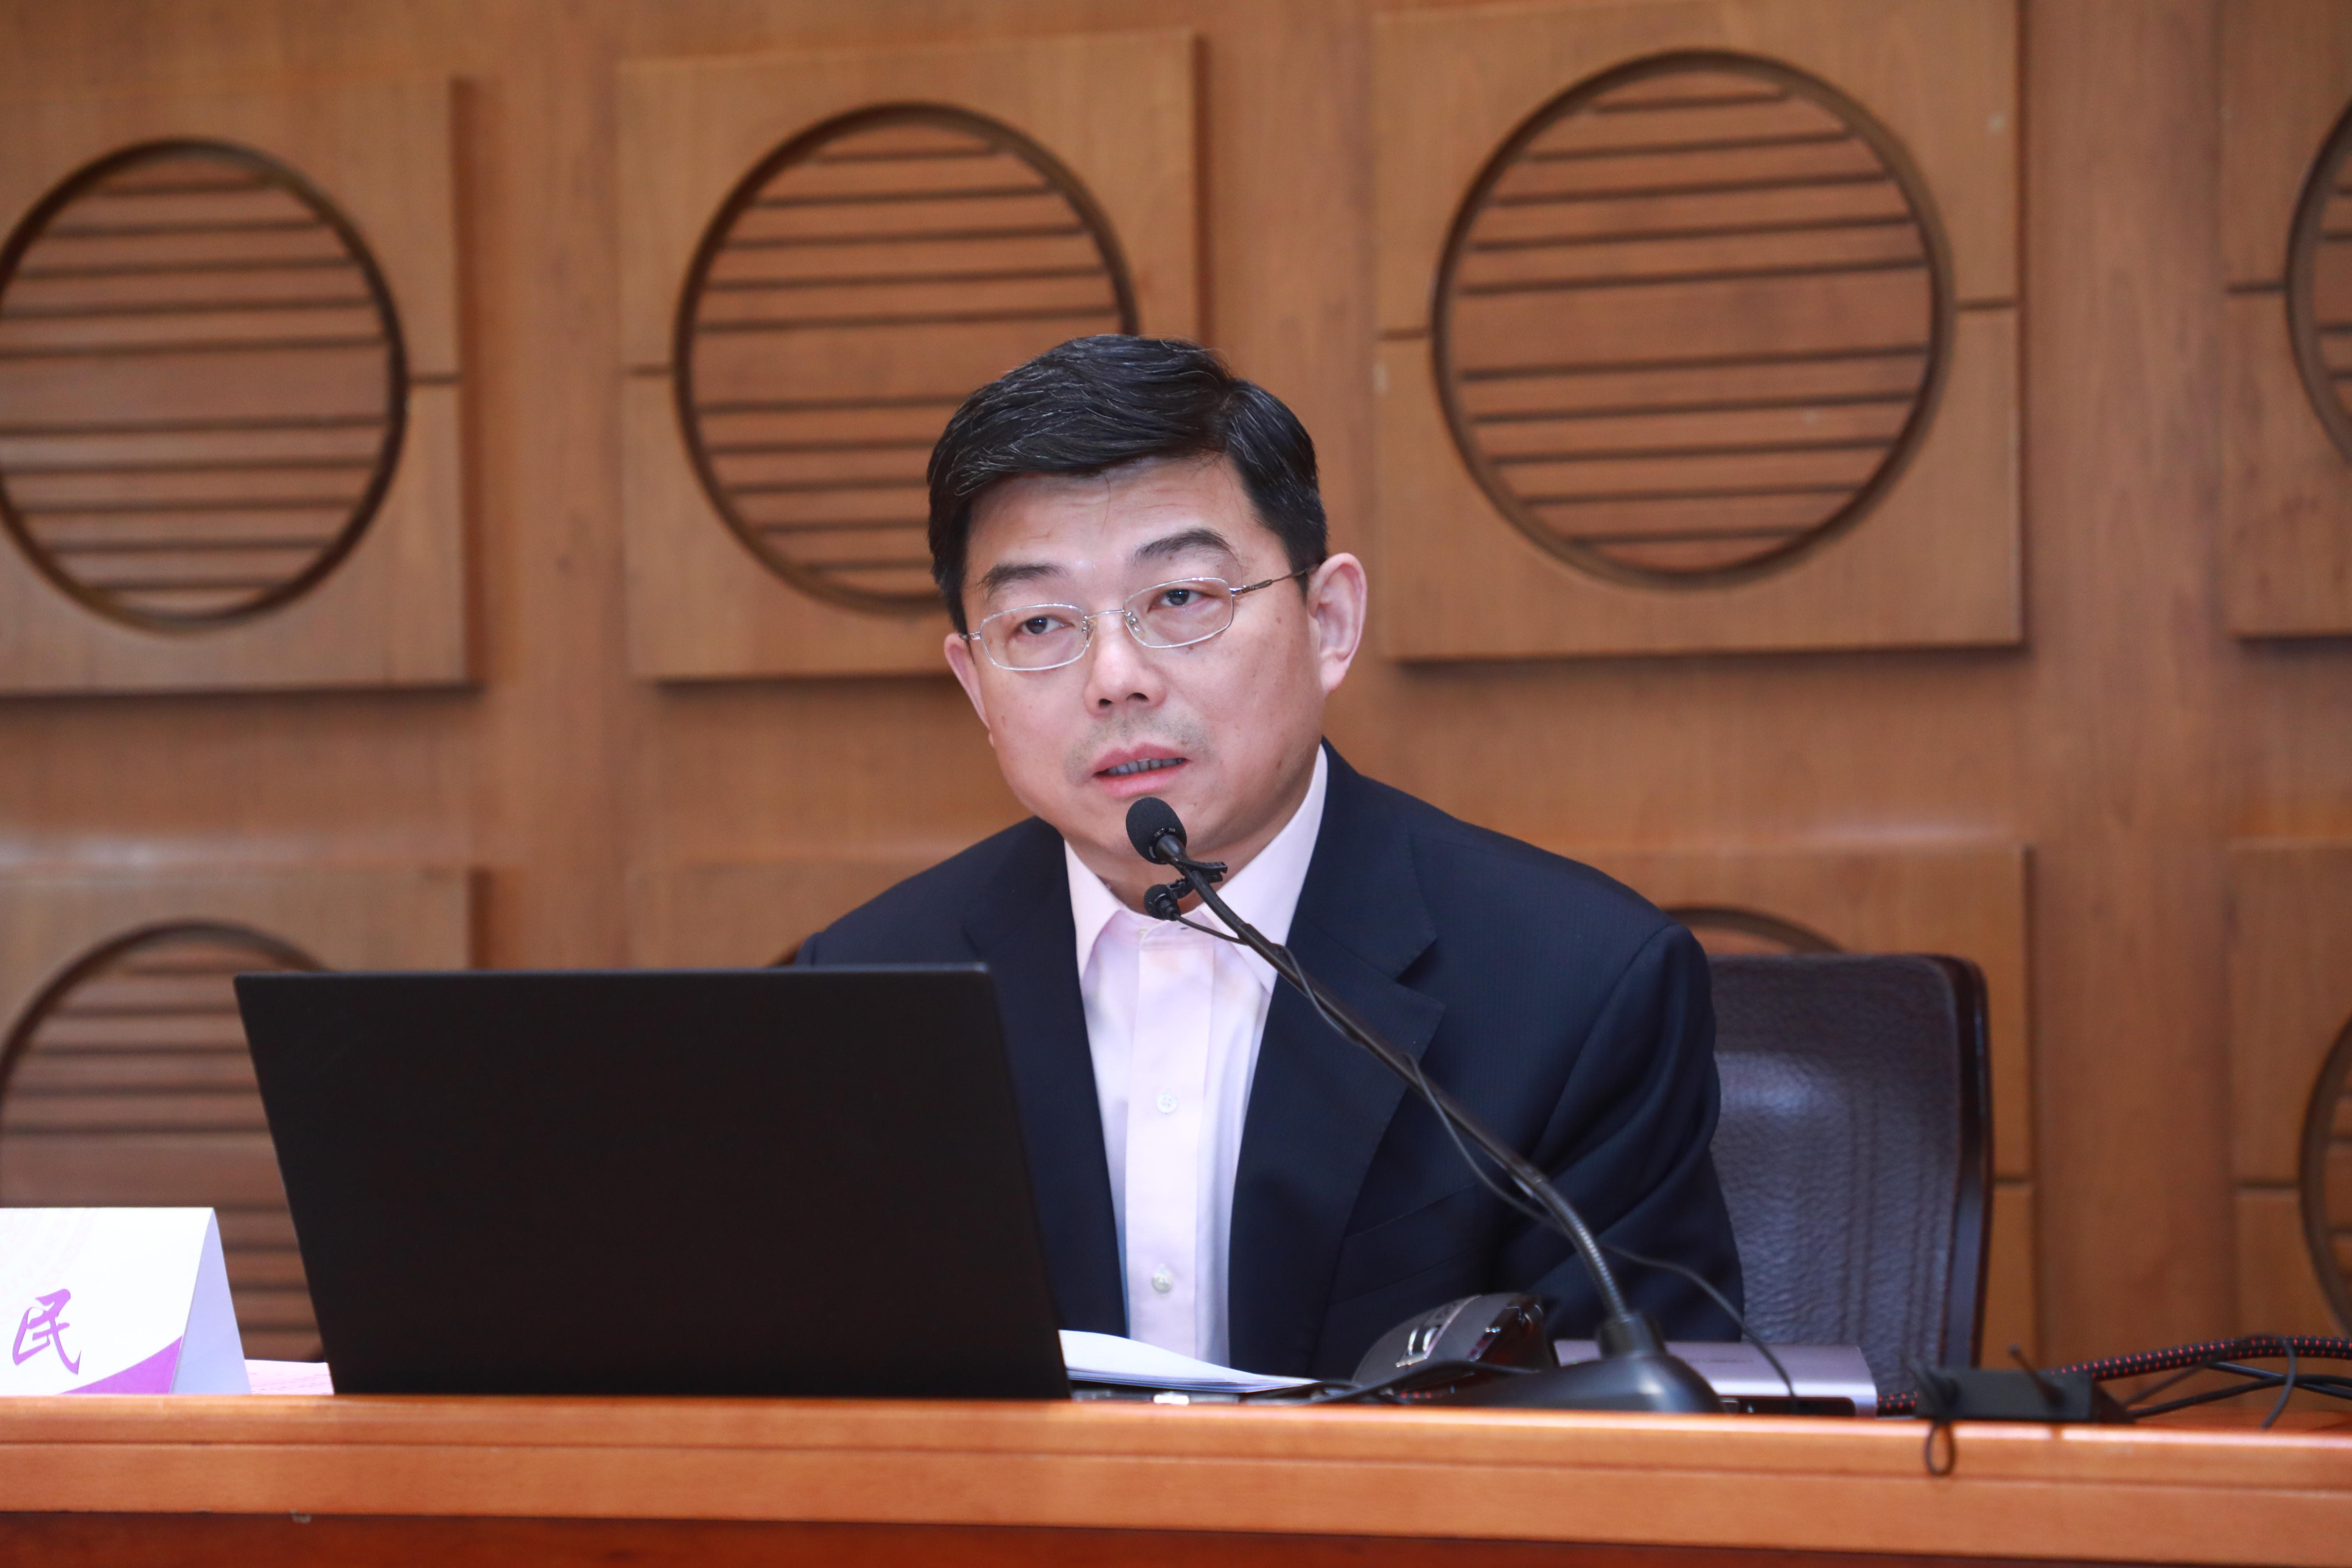 清华大学举办干部时事政治专题学习班(第一讲)